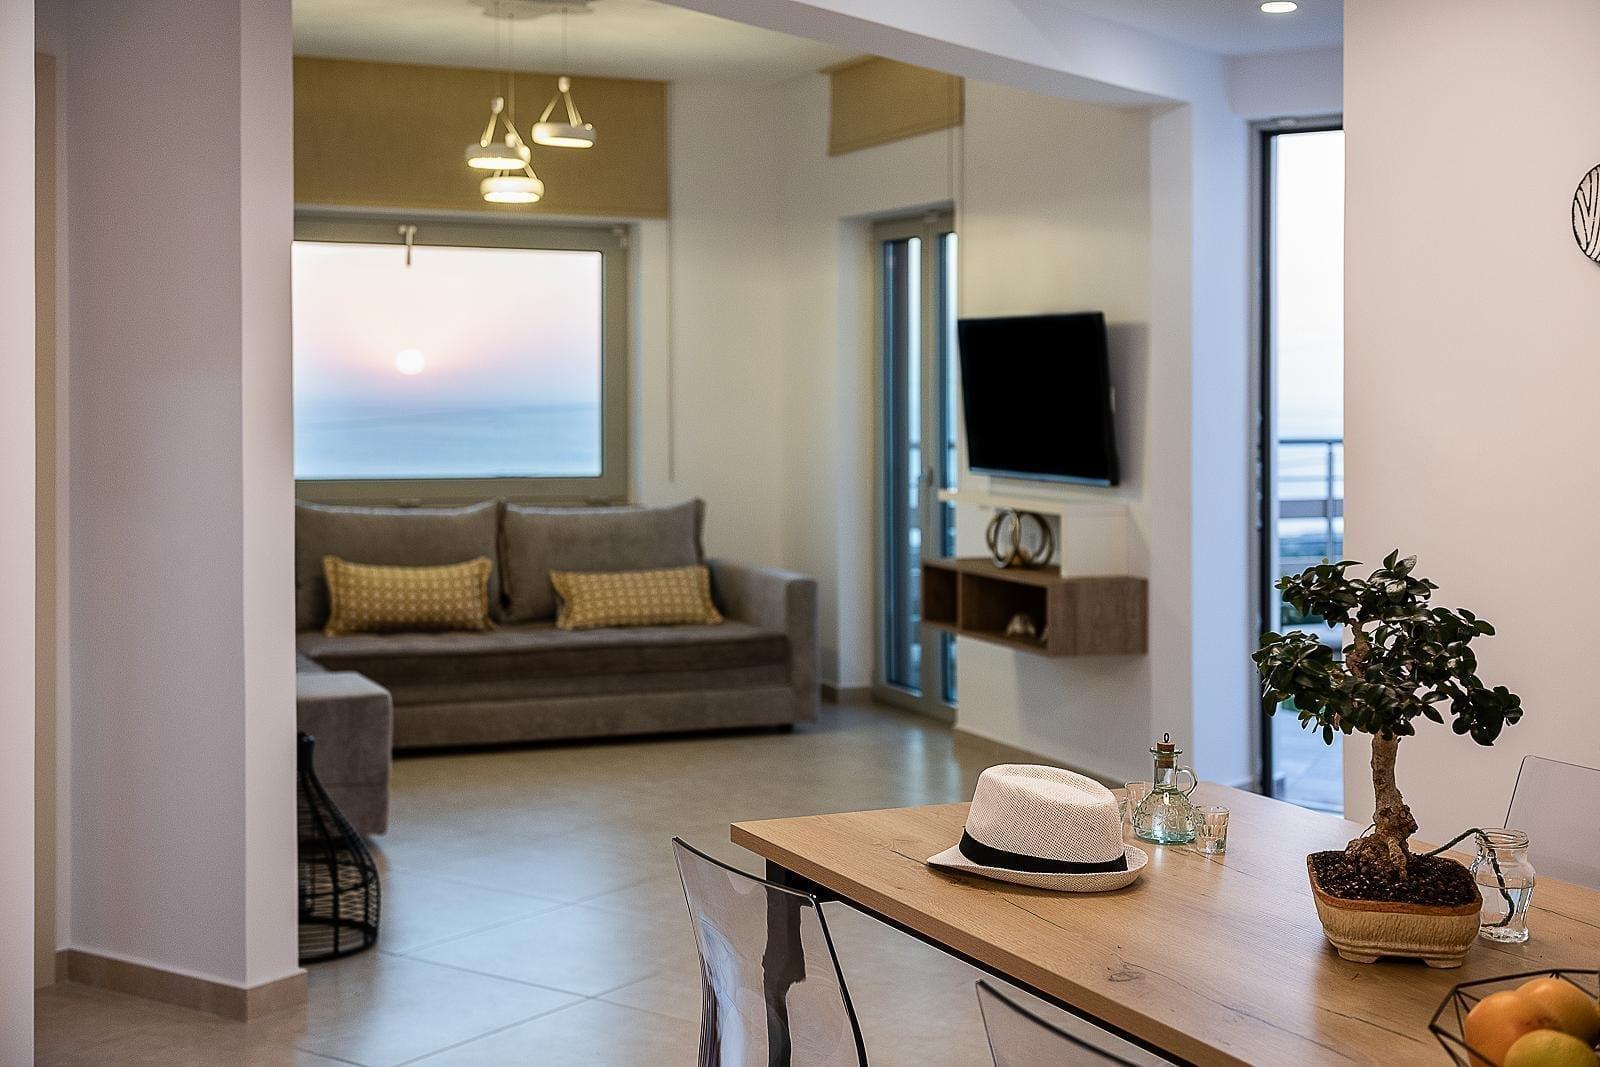 magnolia-luxury-interior-sunset